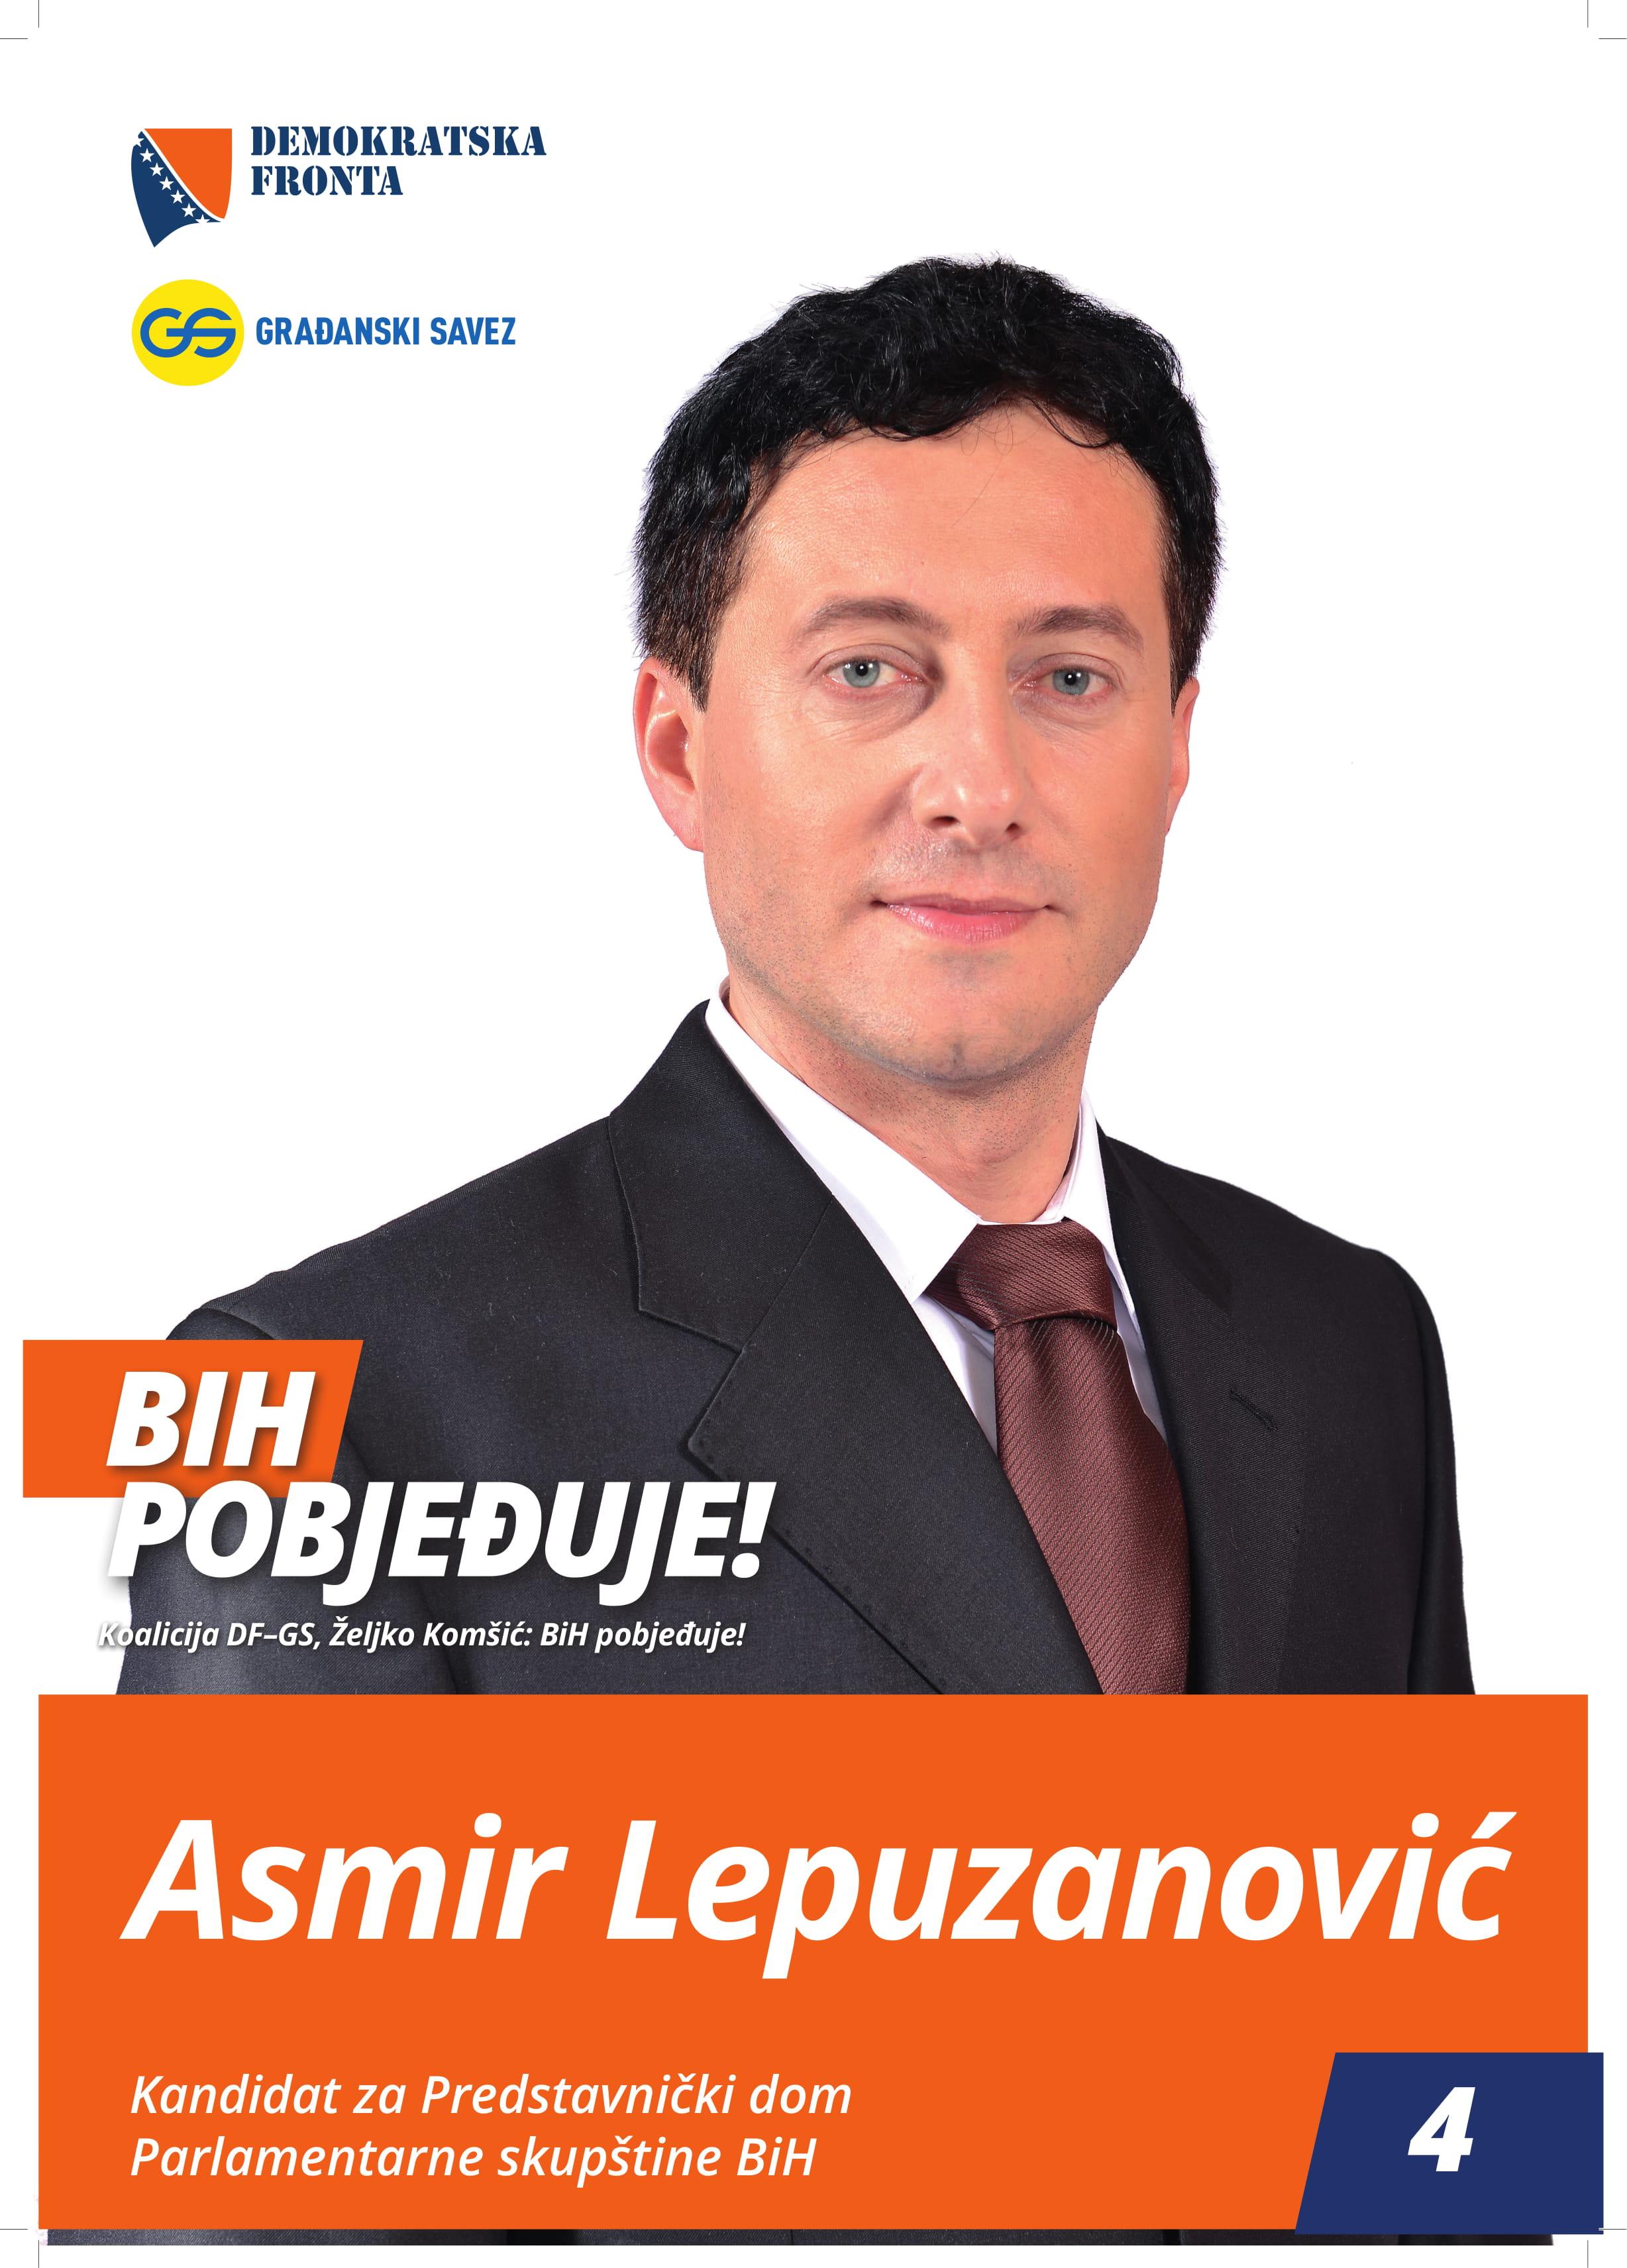 Asmir Lepuzanović, doktor medicine, specijalista porodične medicine